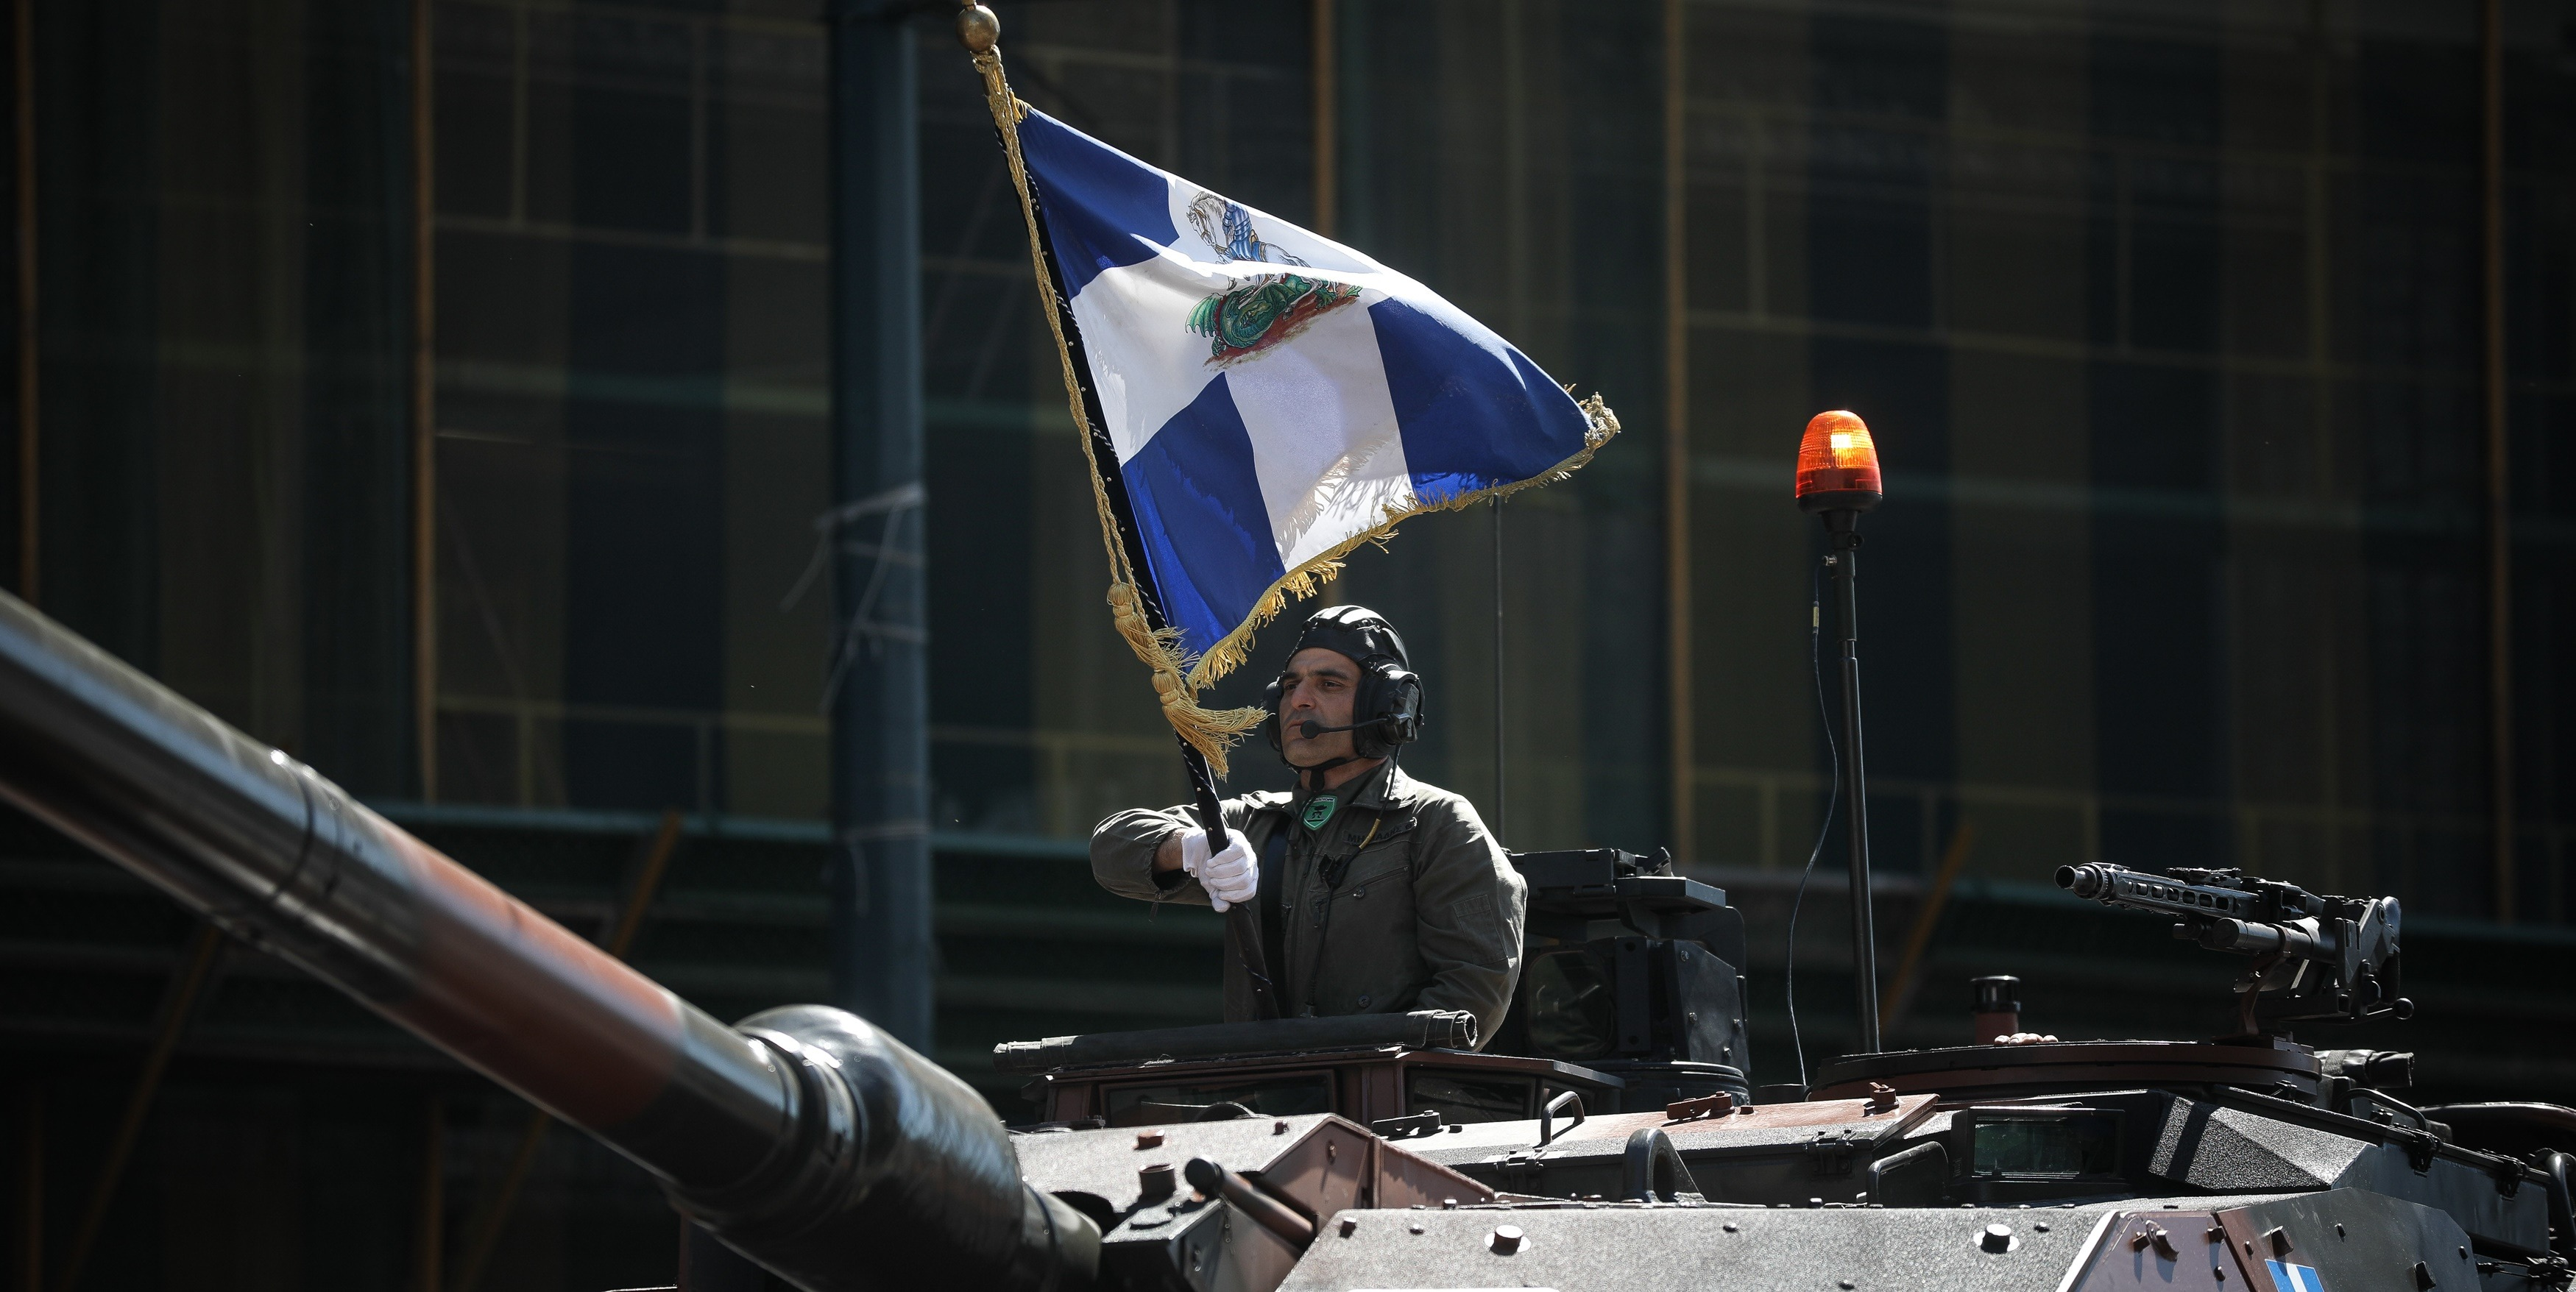 Αποτέλεσμα εικόνας για παρελαση 28 οκτωβριου 2019 θεσσαλονικη